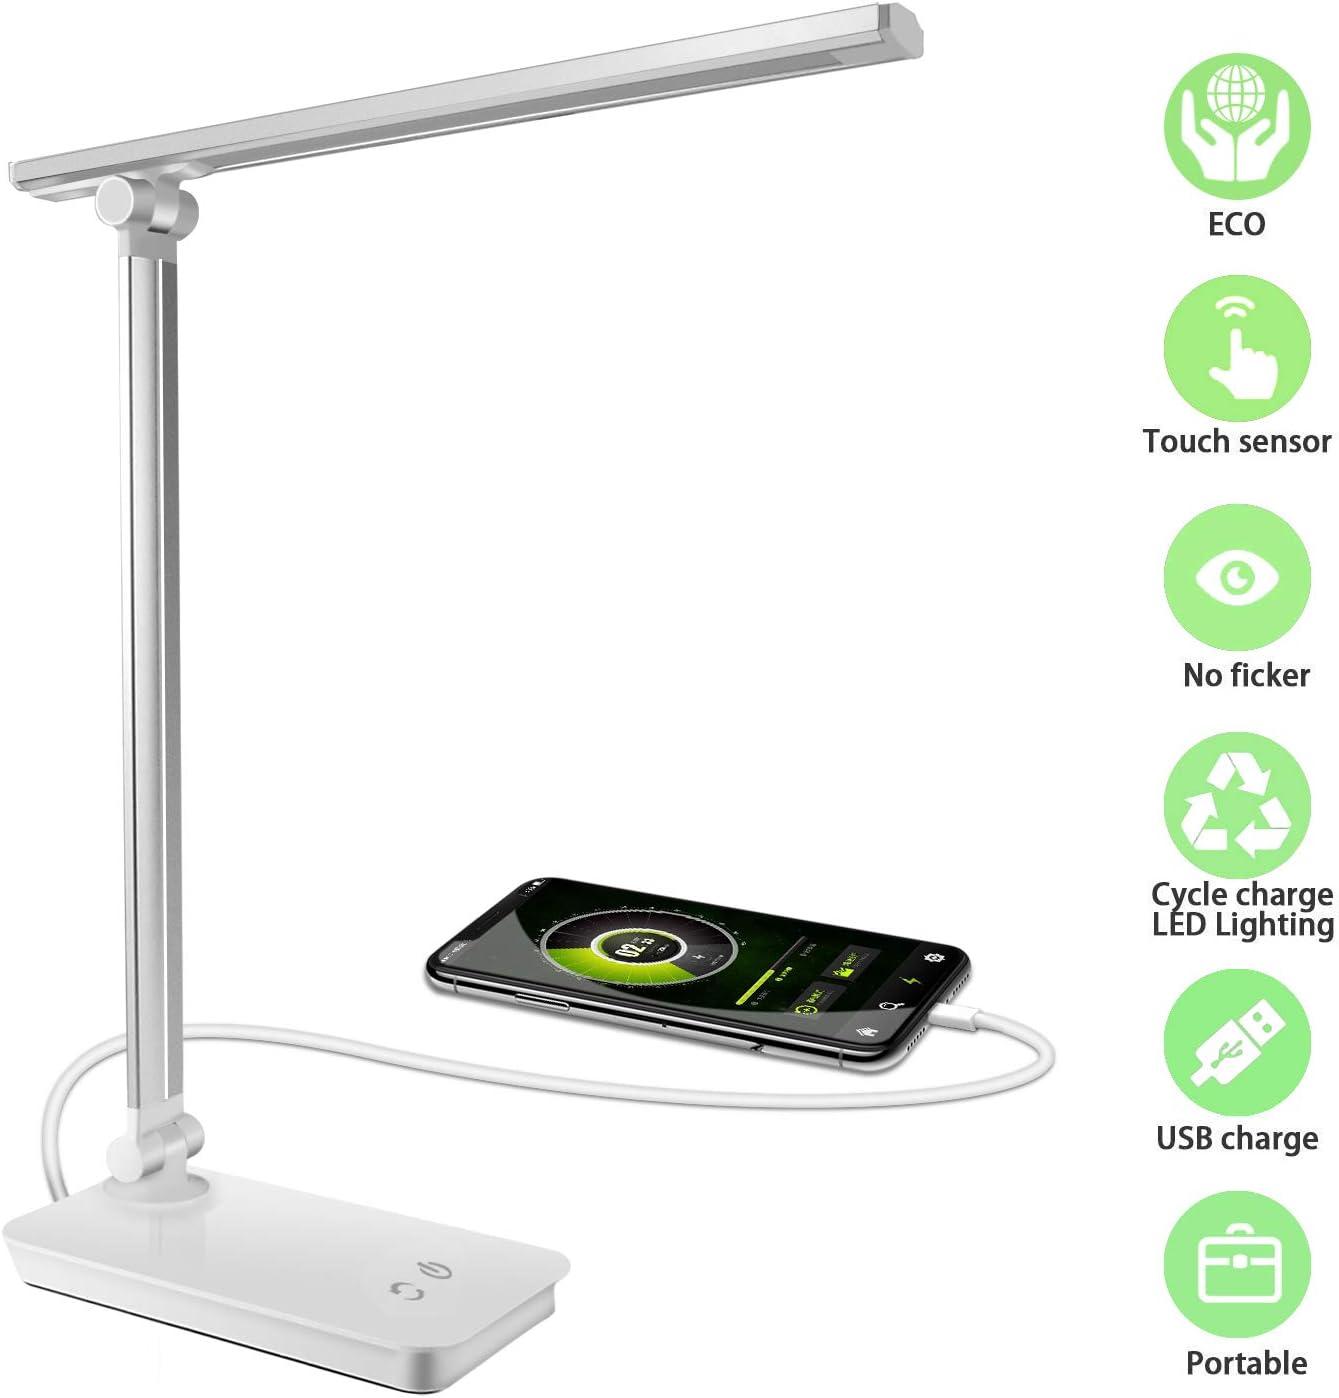 Phiraggit Lámpara Escritorio LED, Lámparas de Mesa USB Recargable con 5 Modos de Colores y 3 Niveles de Brillos, Protección para los Ojos [Clase de eficiencia energética A+++] para Leer, Estudiar.